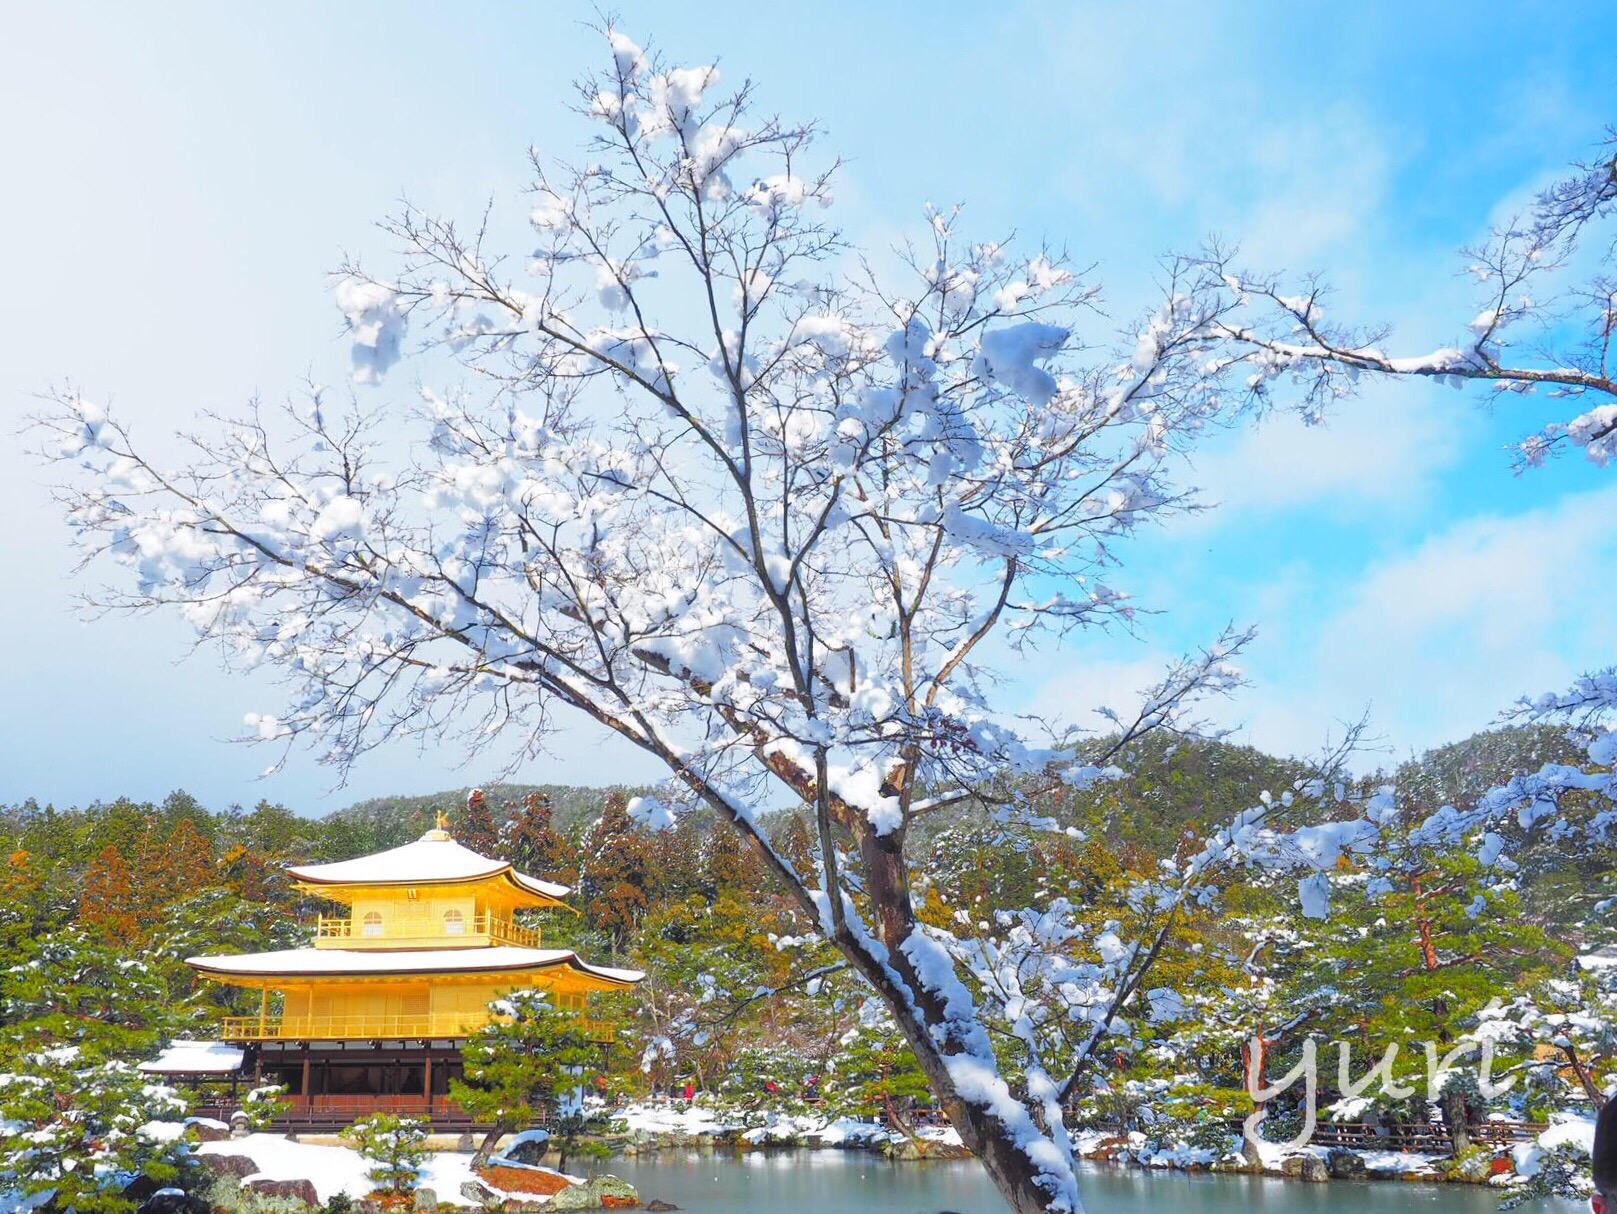 京都の定番雪景色!雪降る金閣寺へ行ってきた